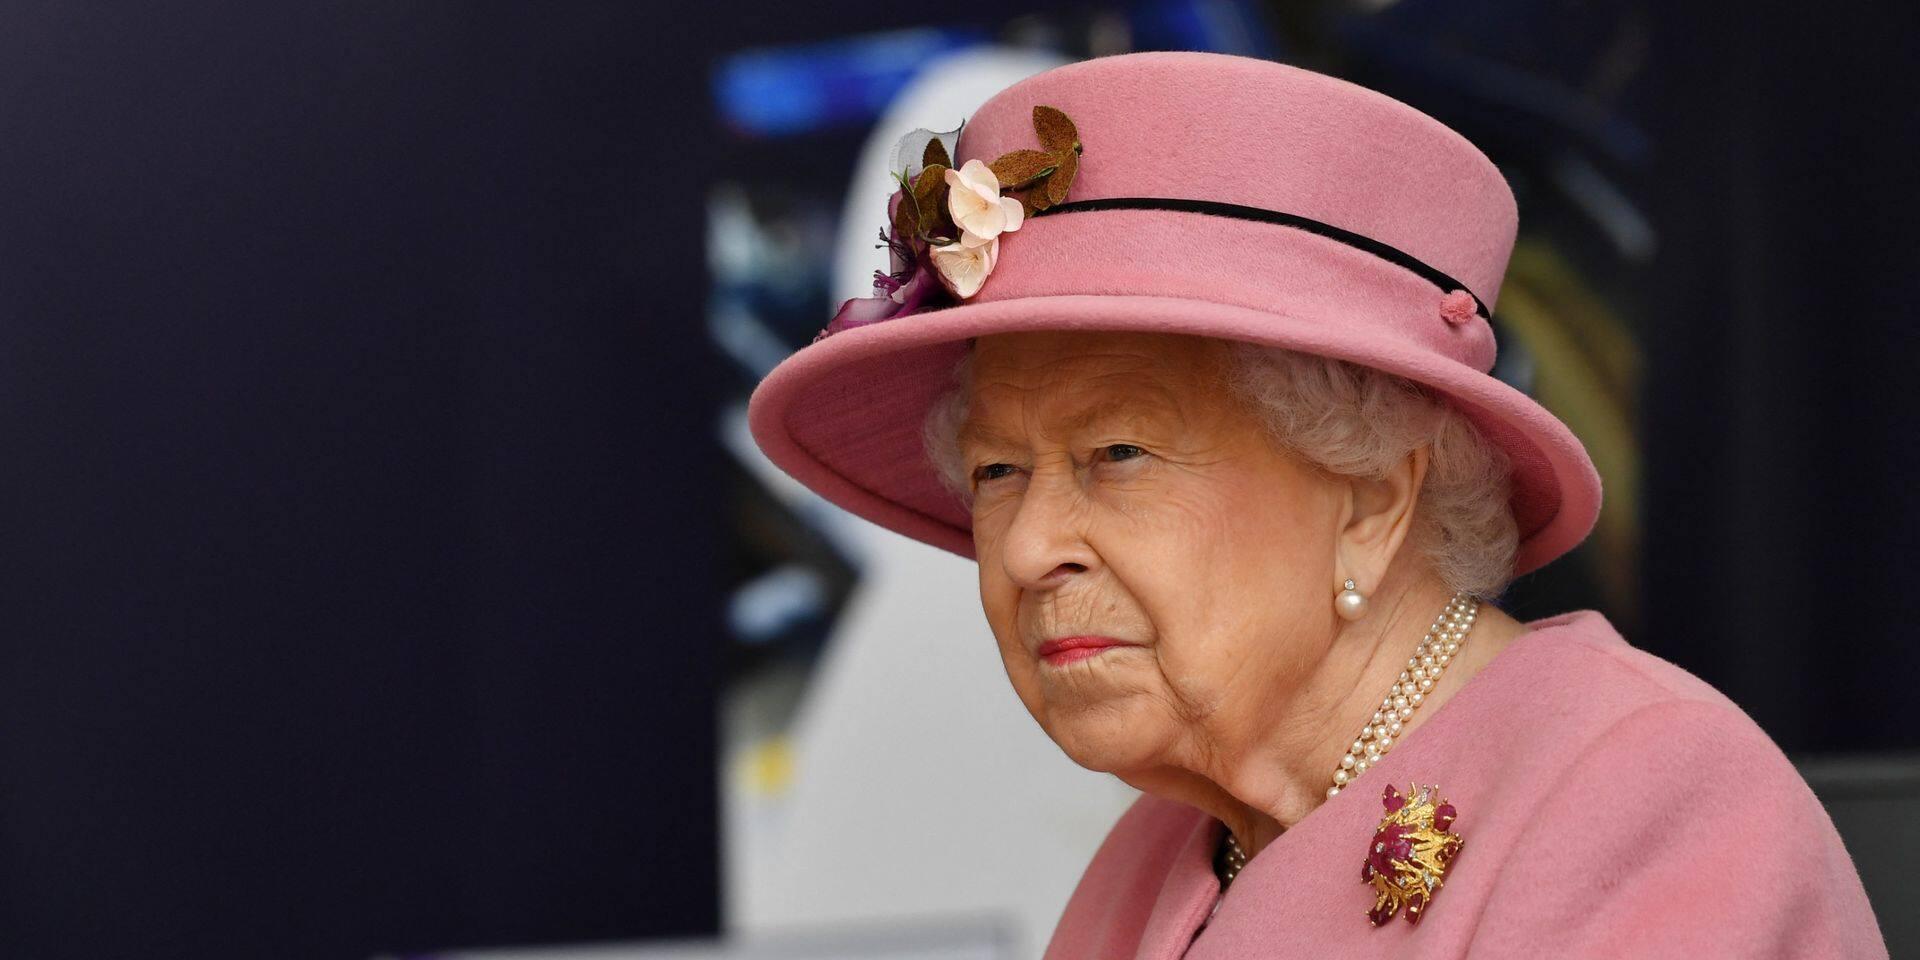 Un cousin d'Elizabeth II condamné à de la prison ferme